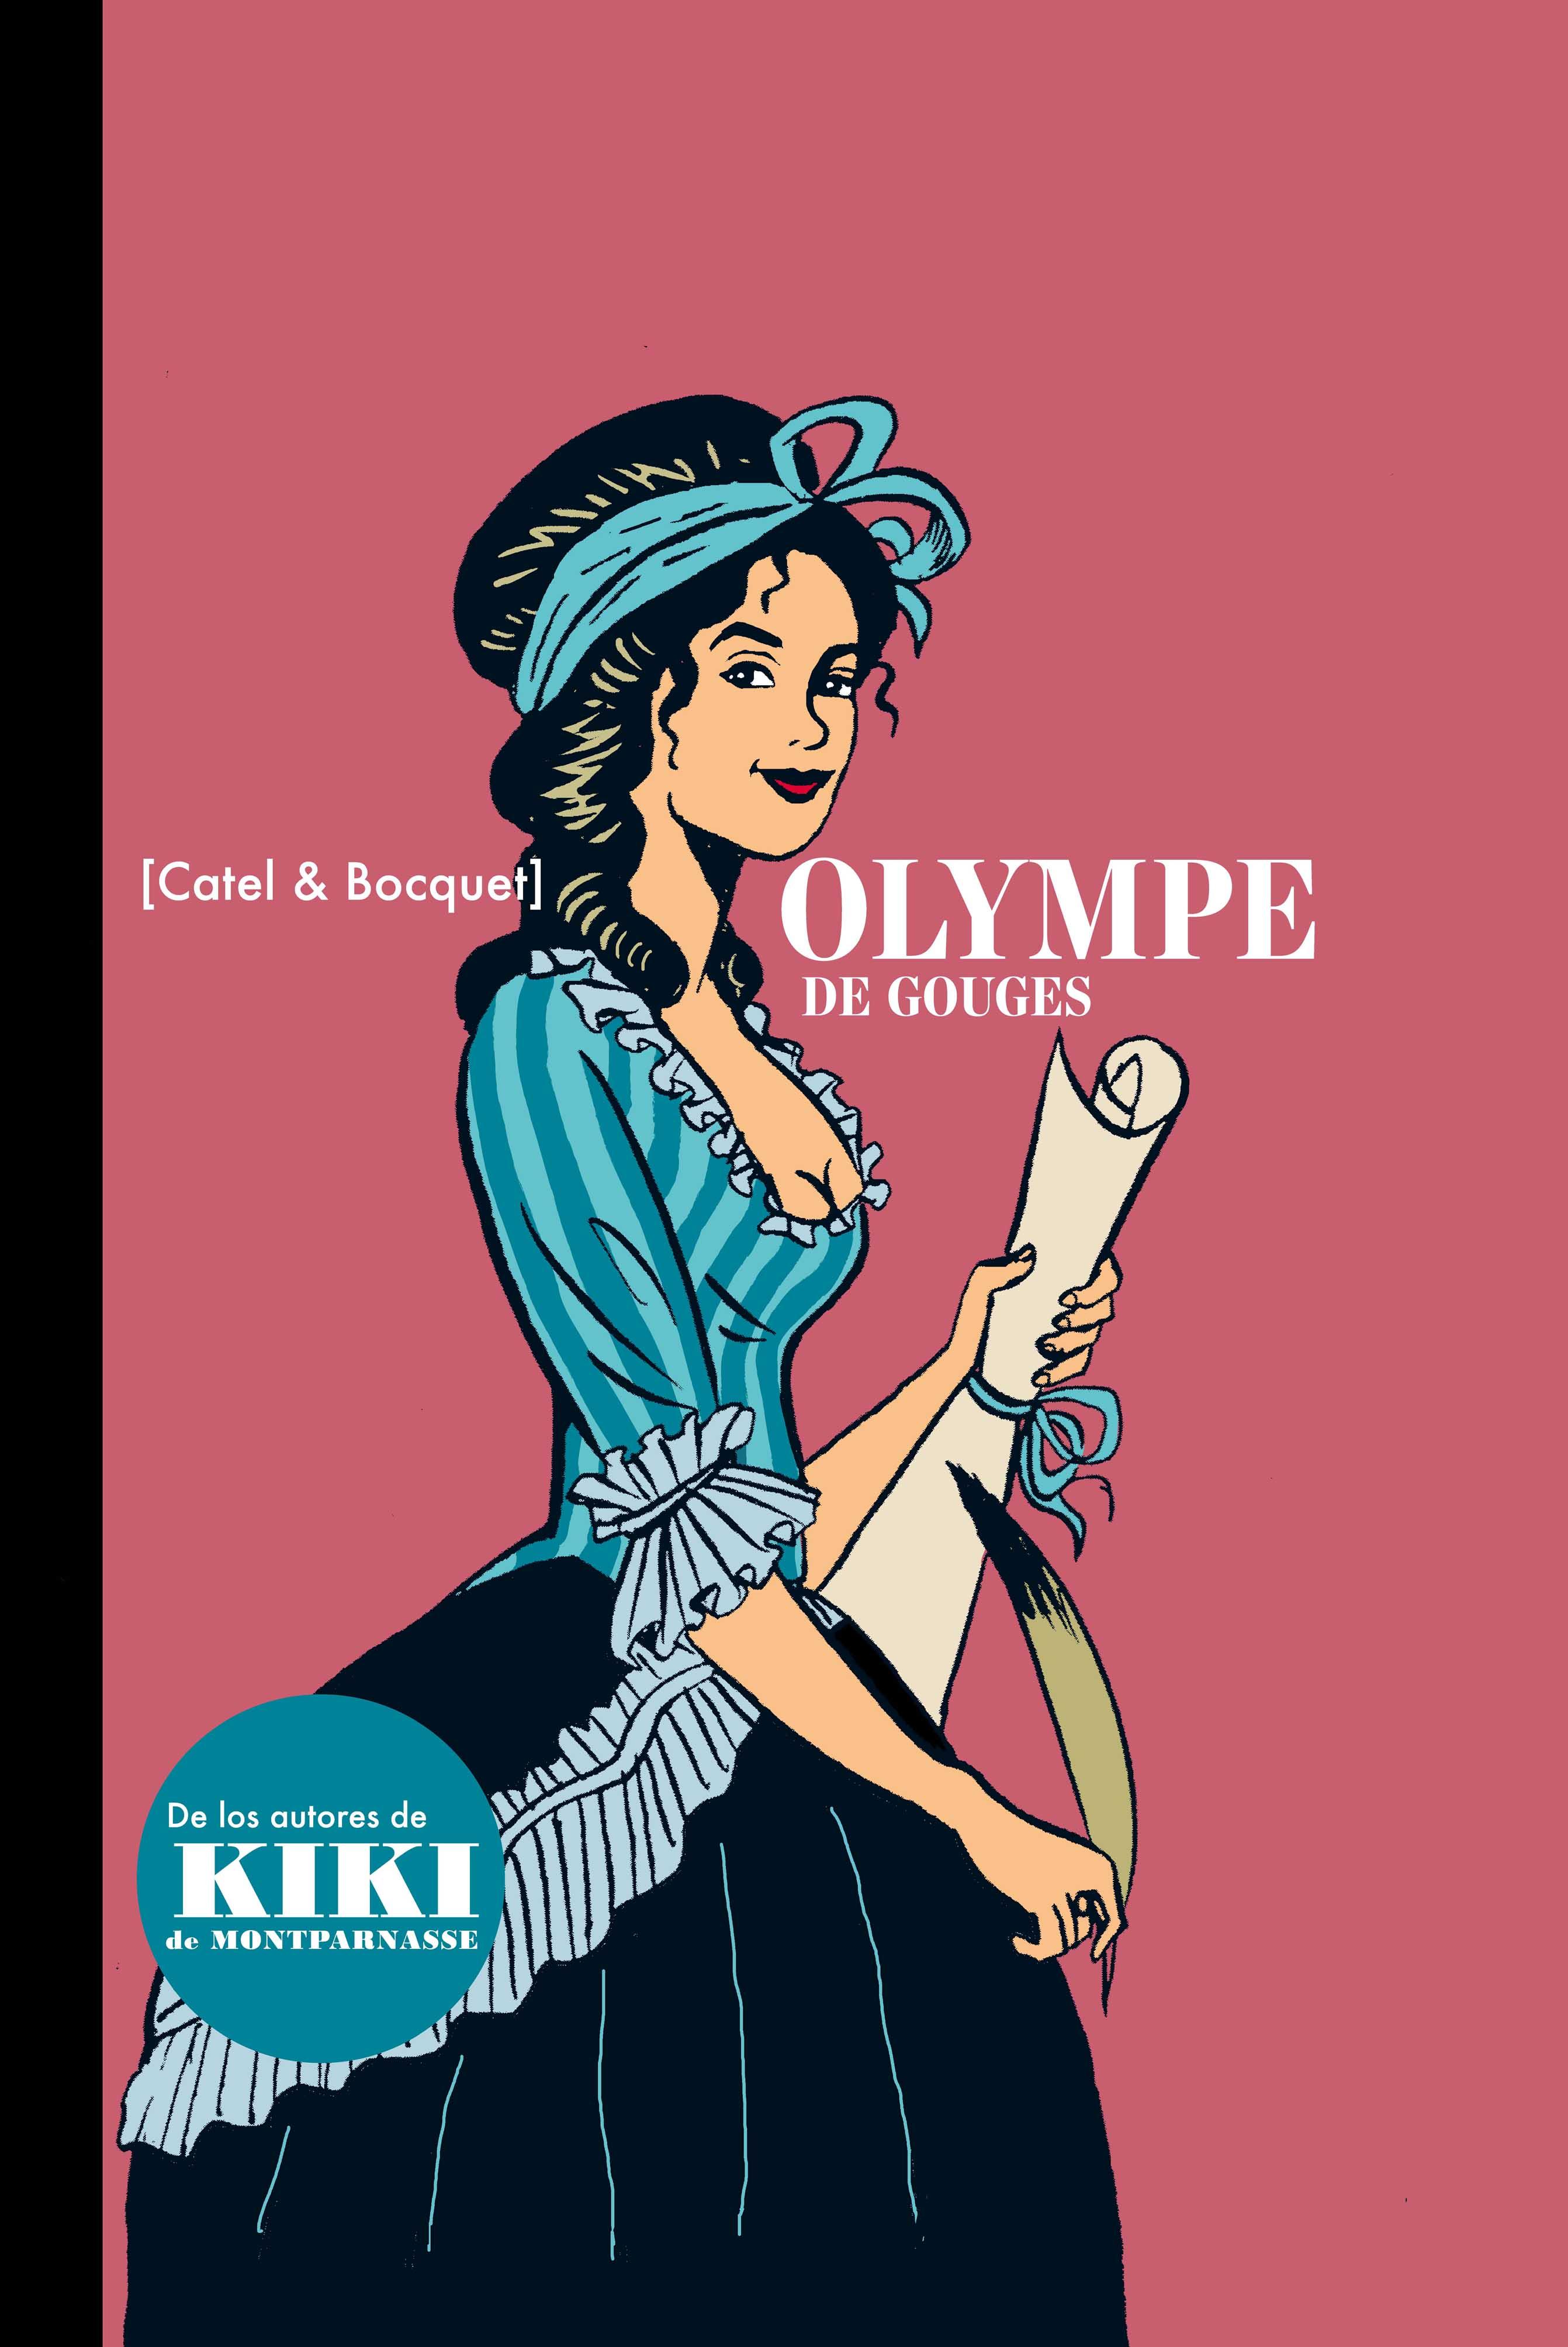 Olympe de Gouges - Catel & Bocquet